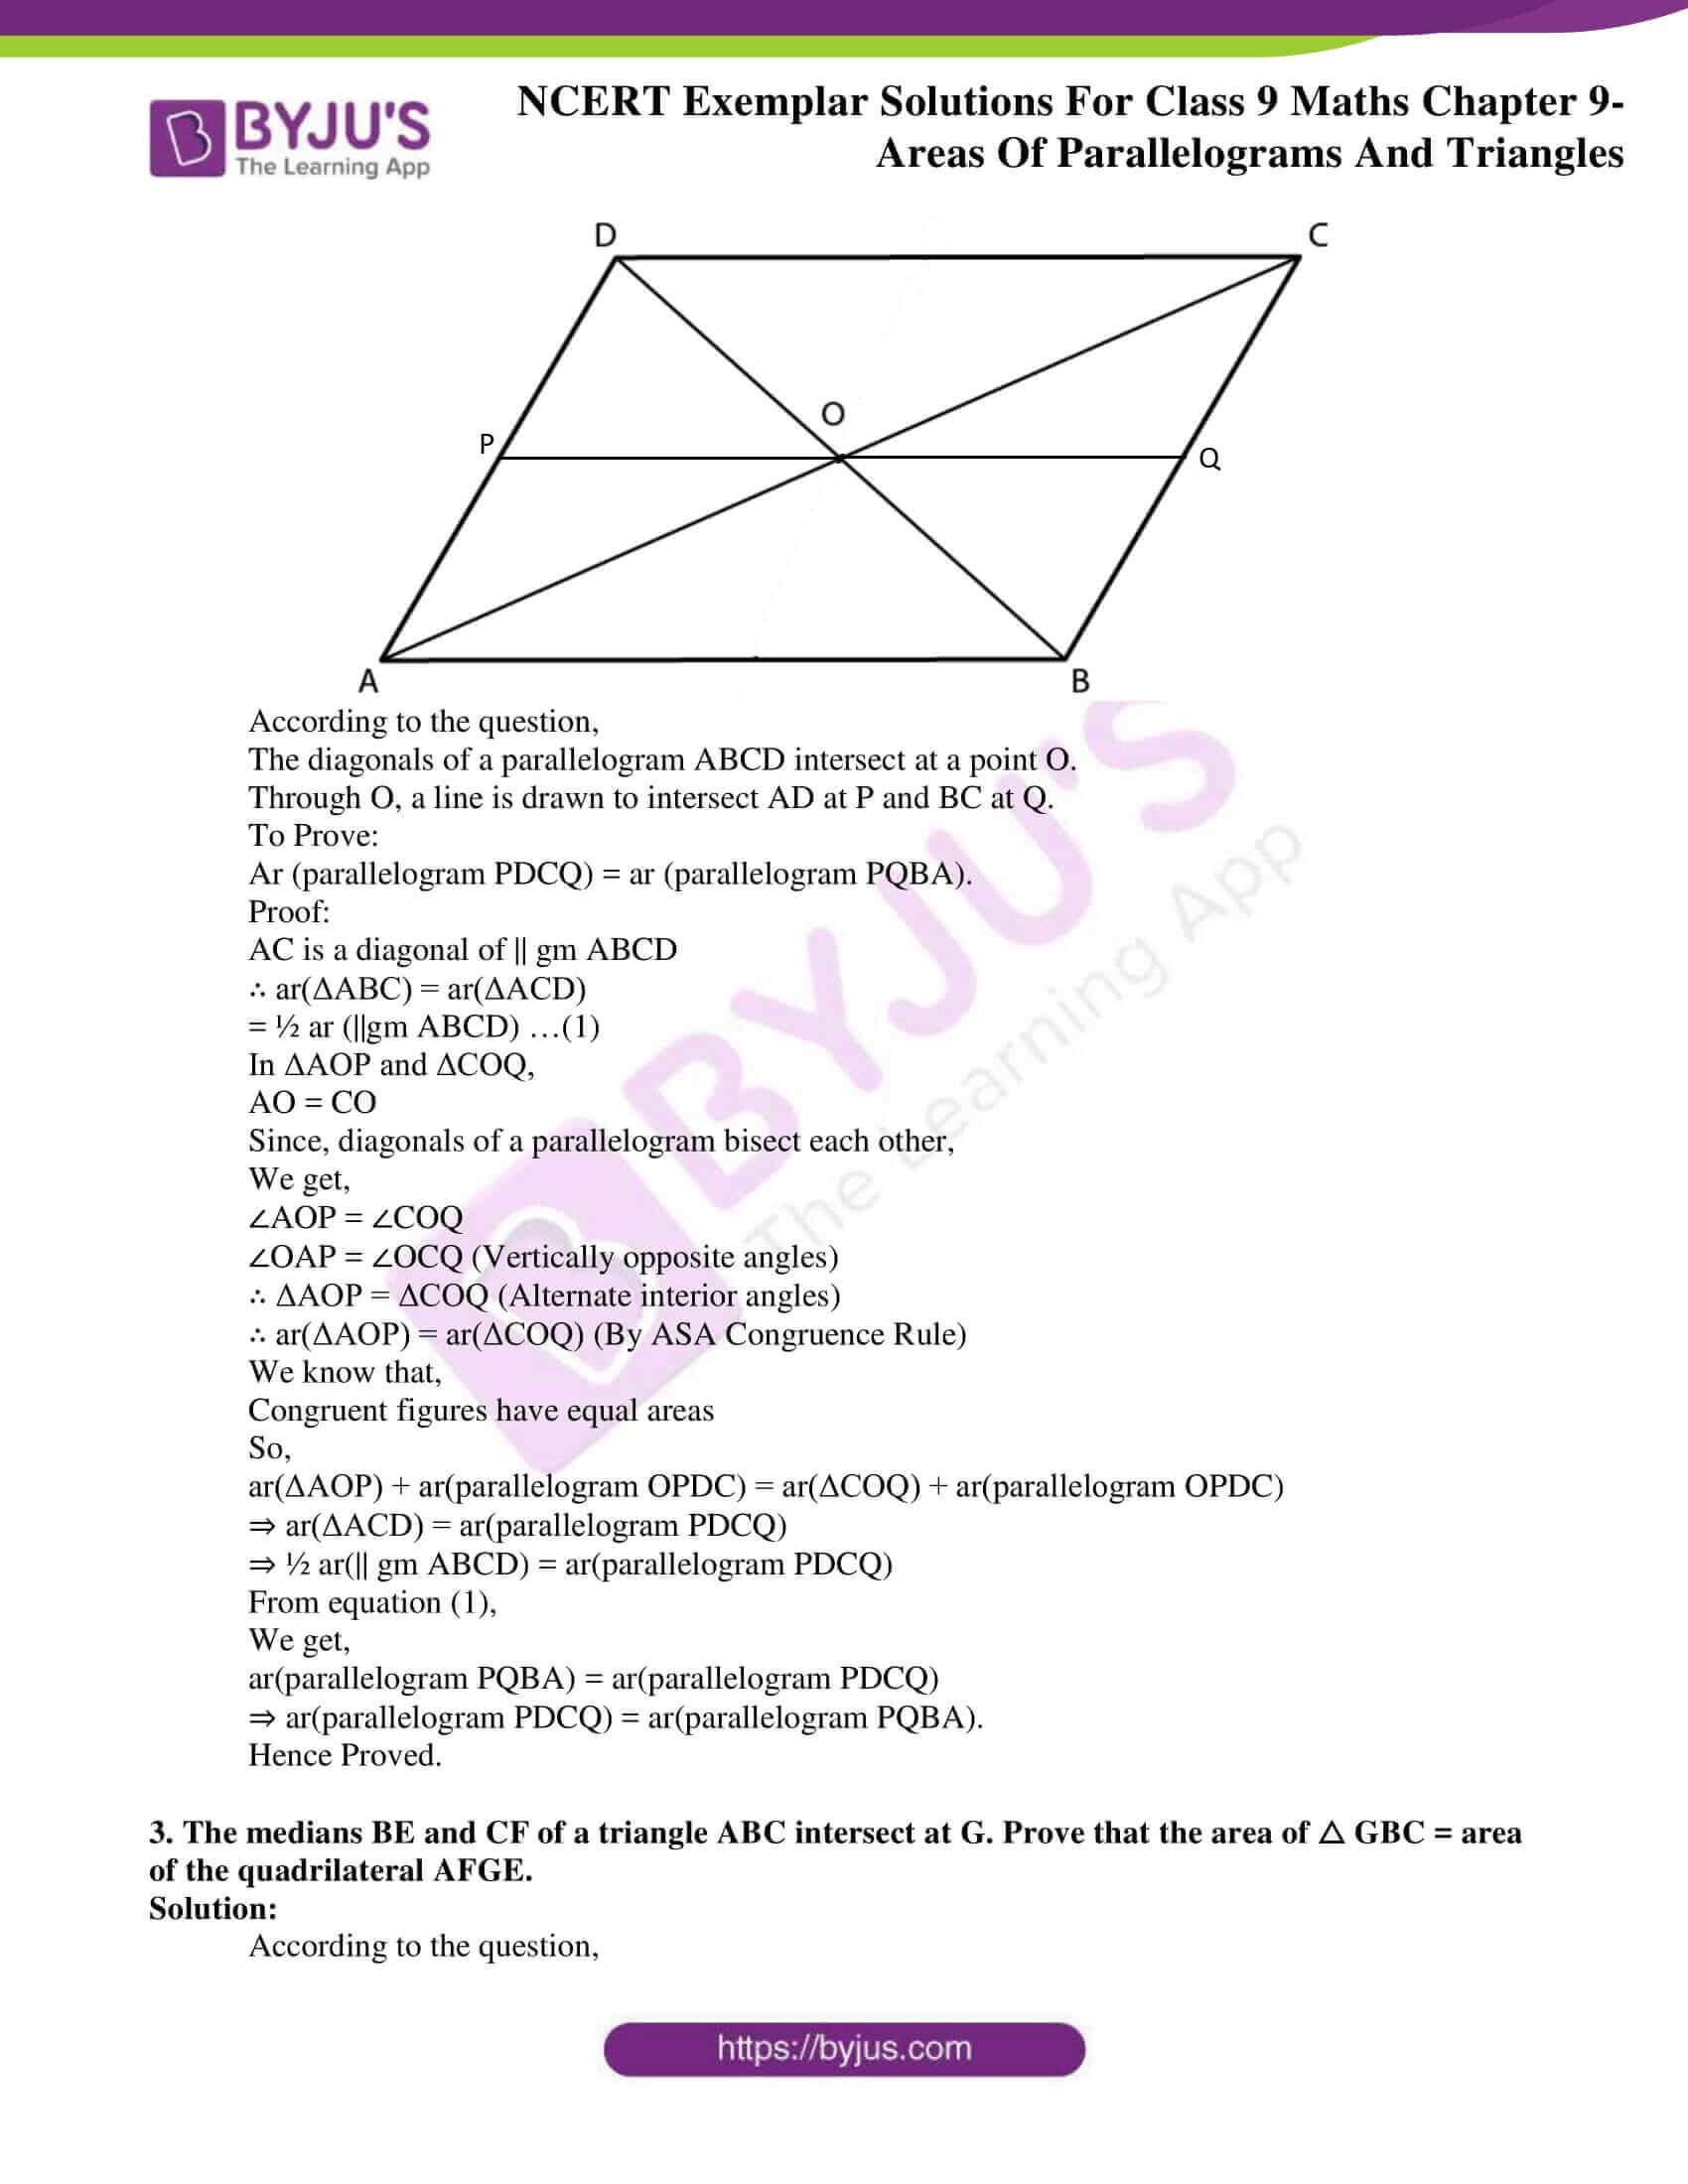 ncert exemplar solution class 9 maths chapter 9